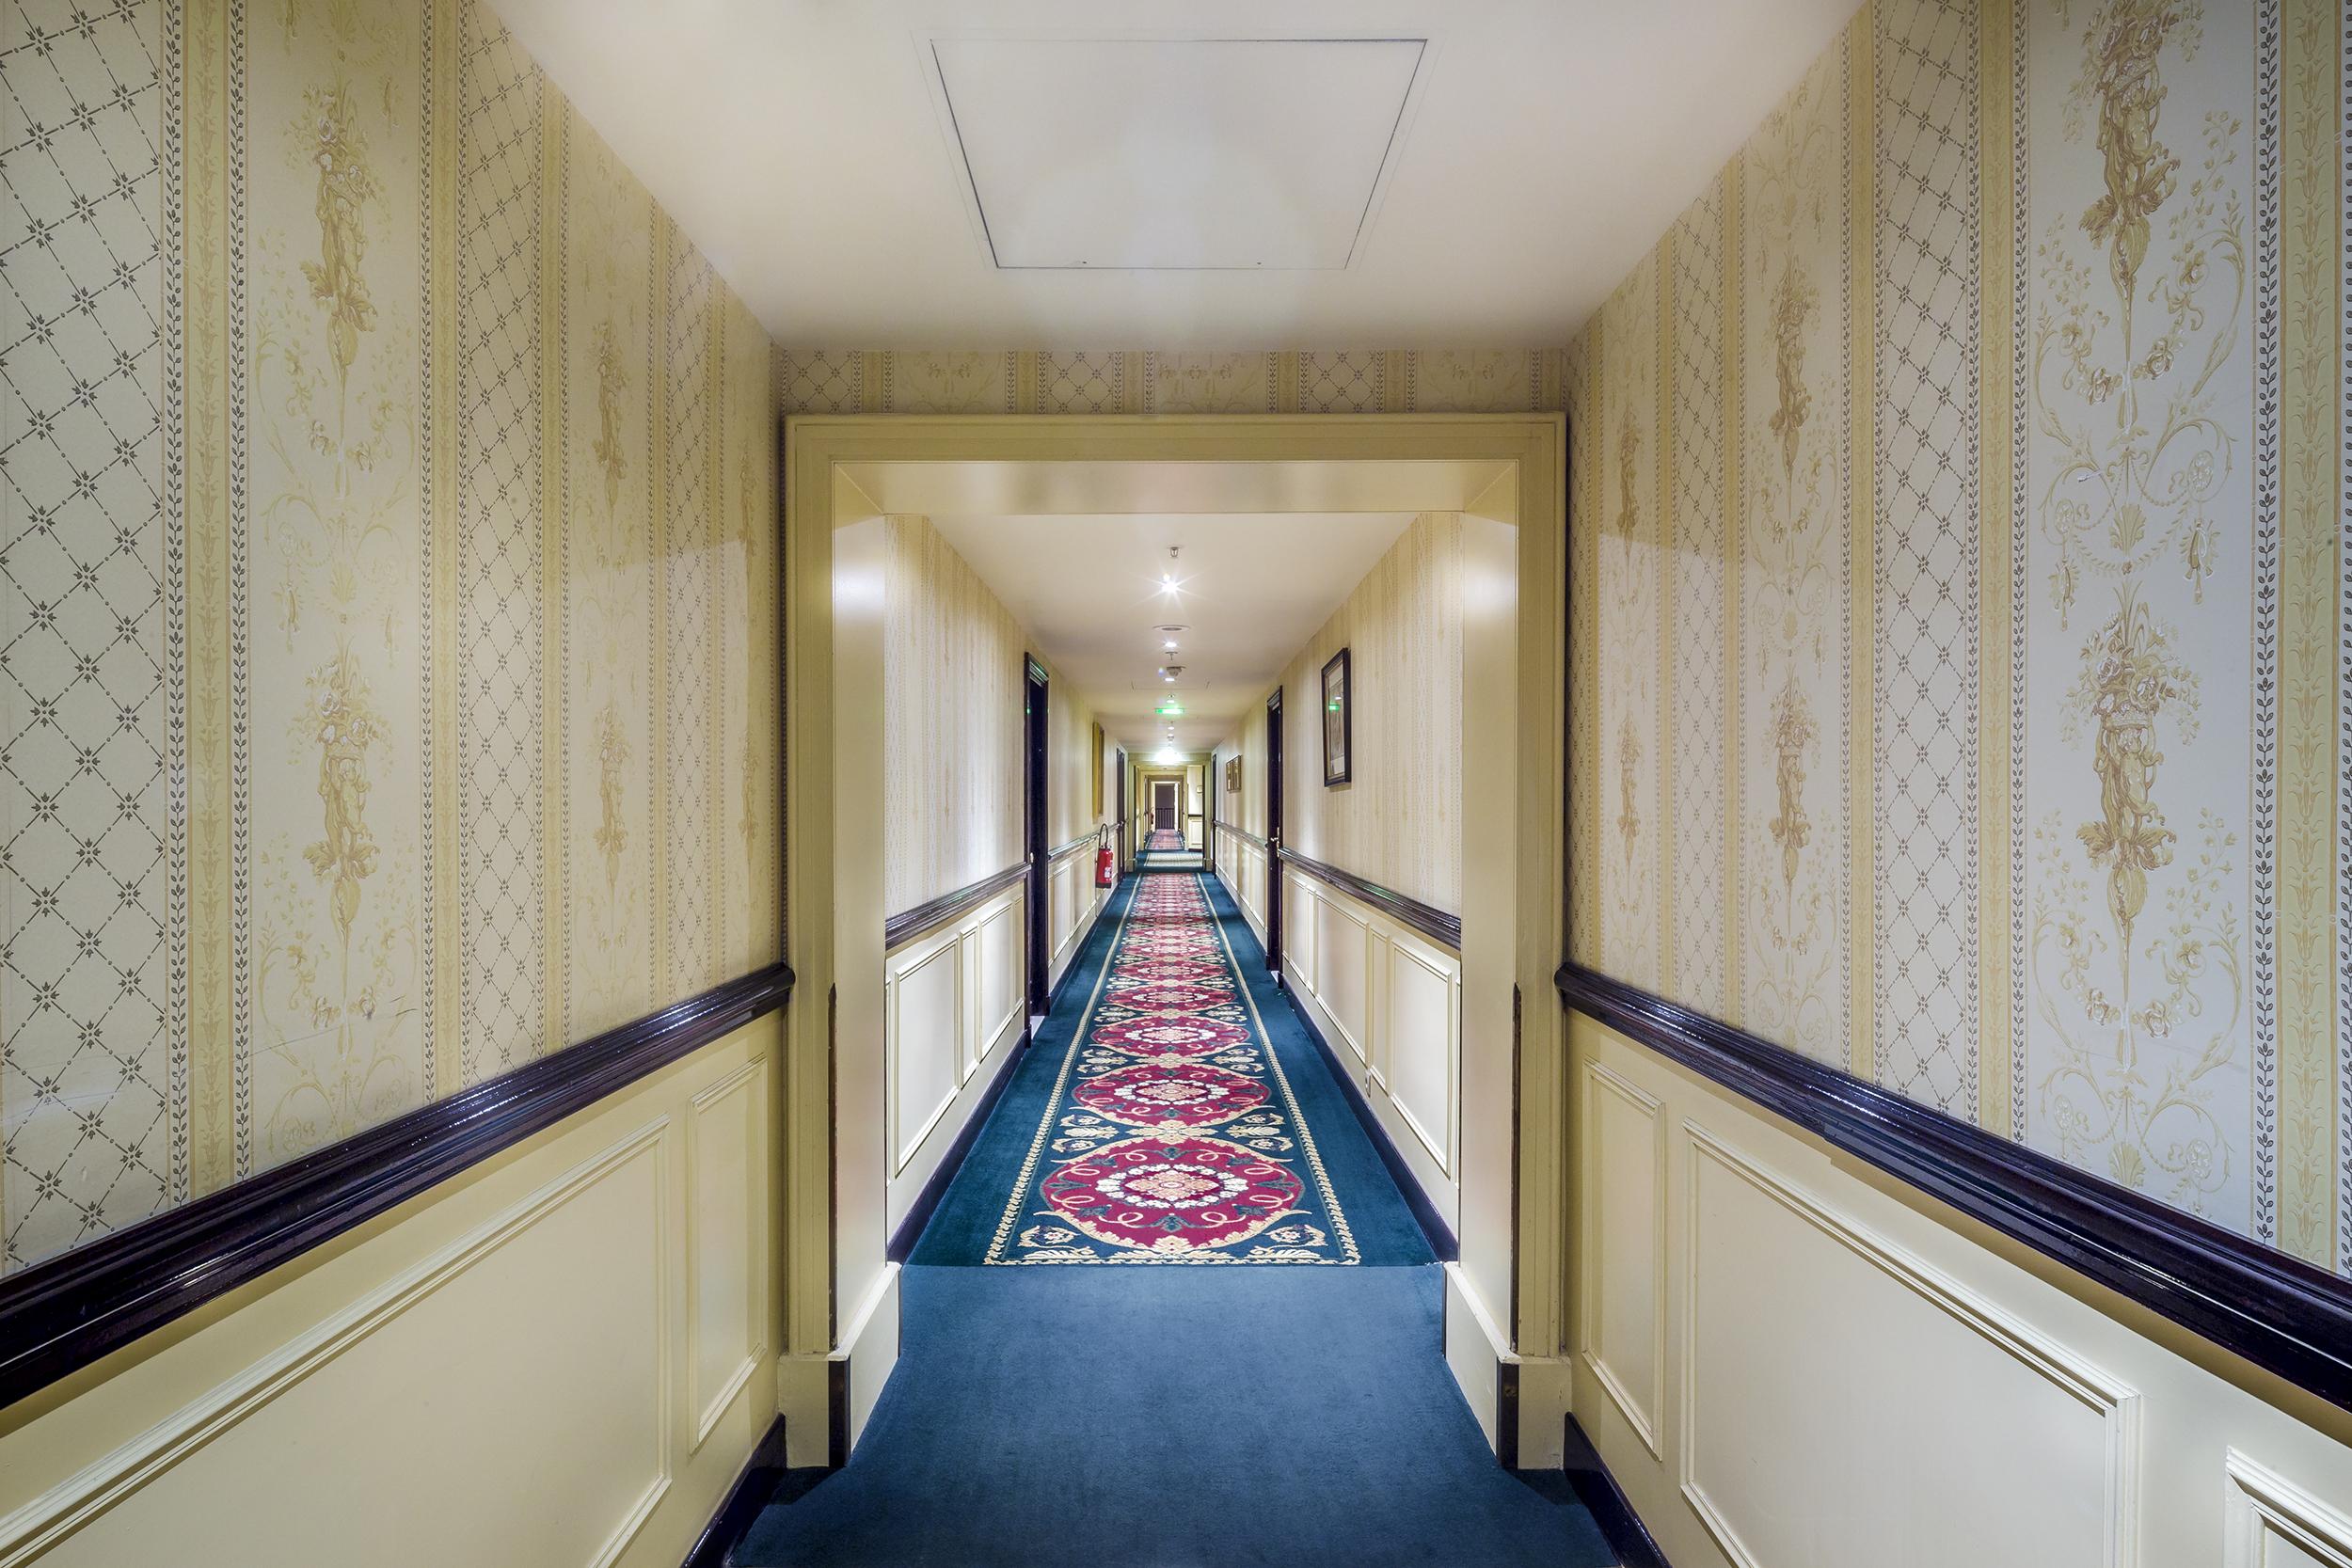 fotografia-de-arquitetura-interiores-11.jpg